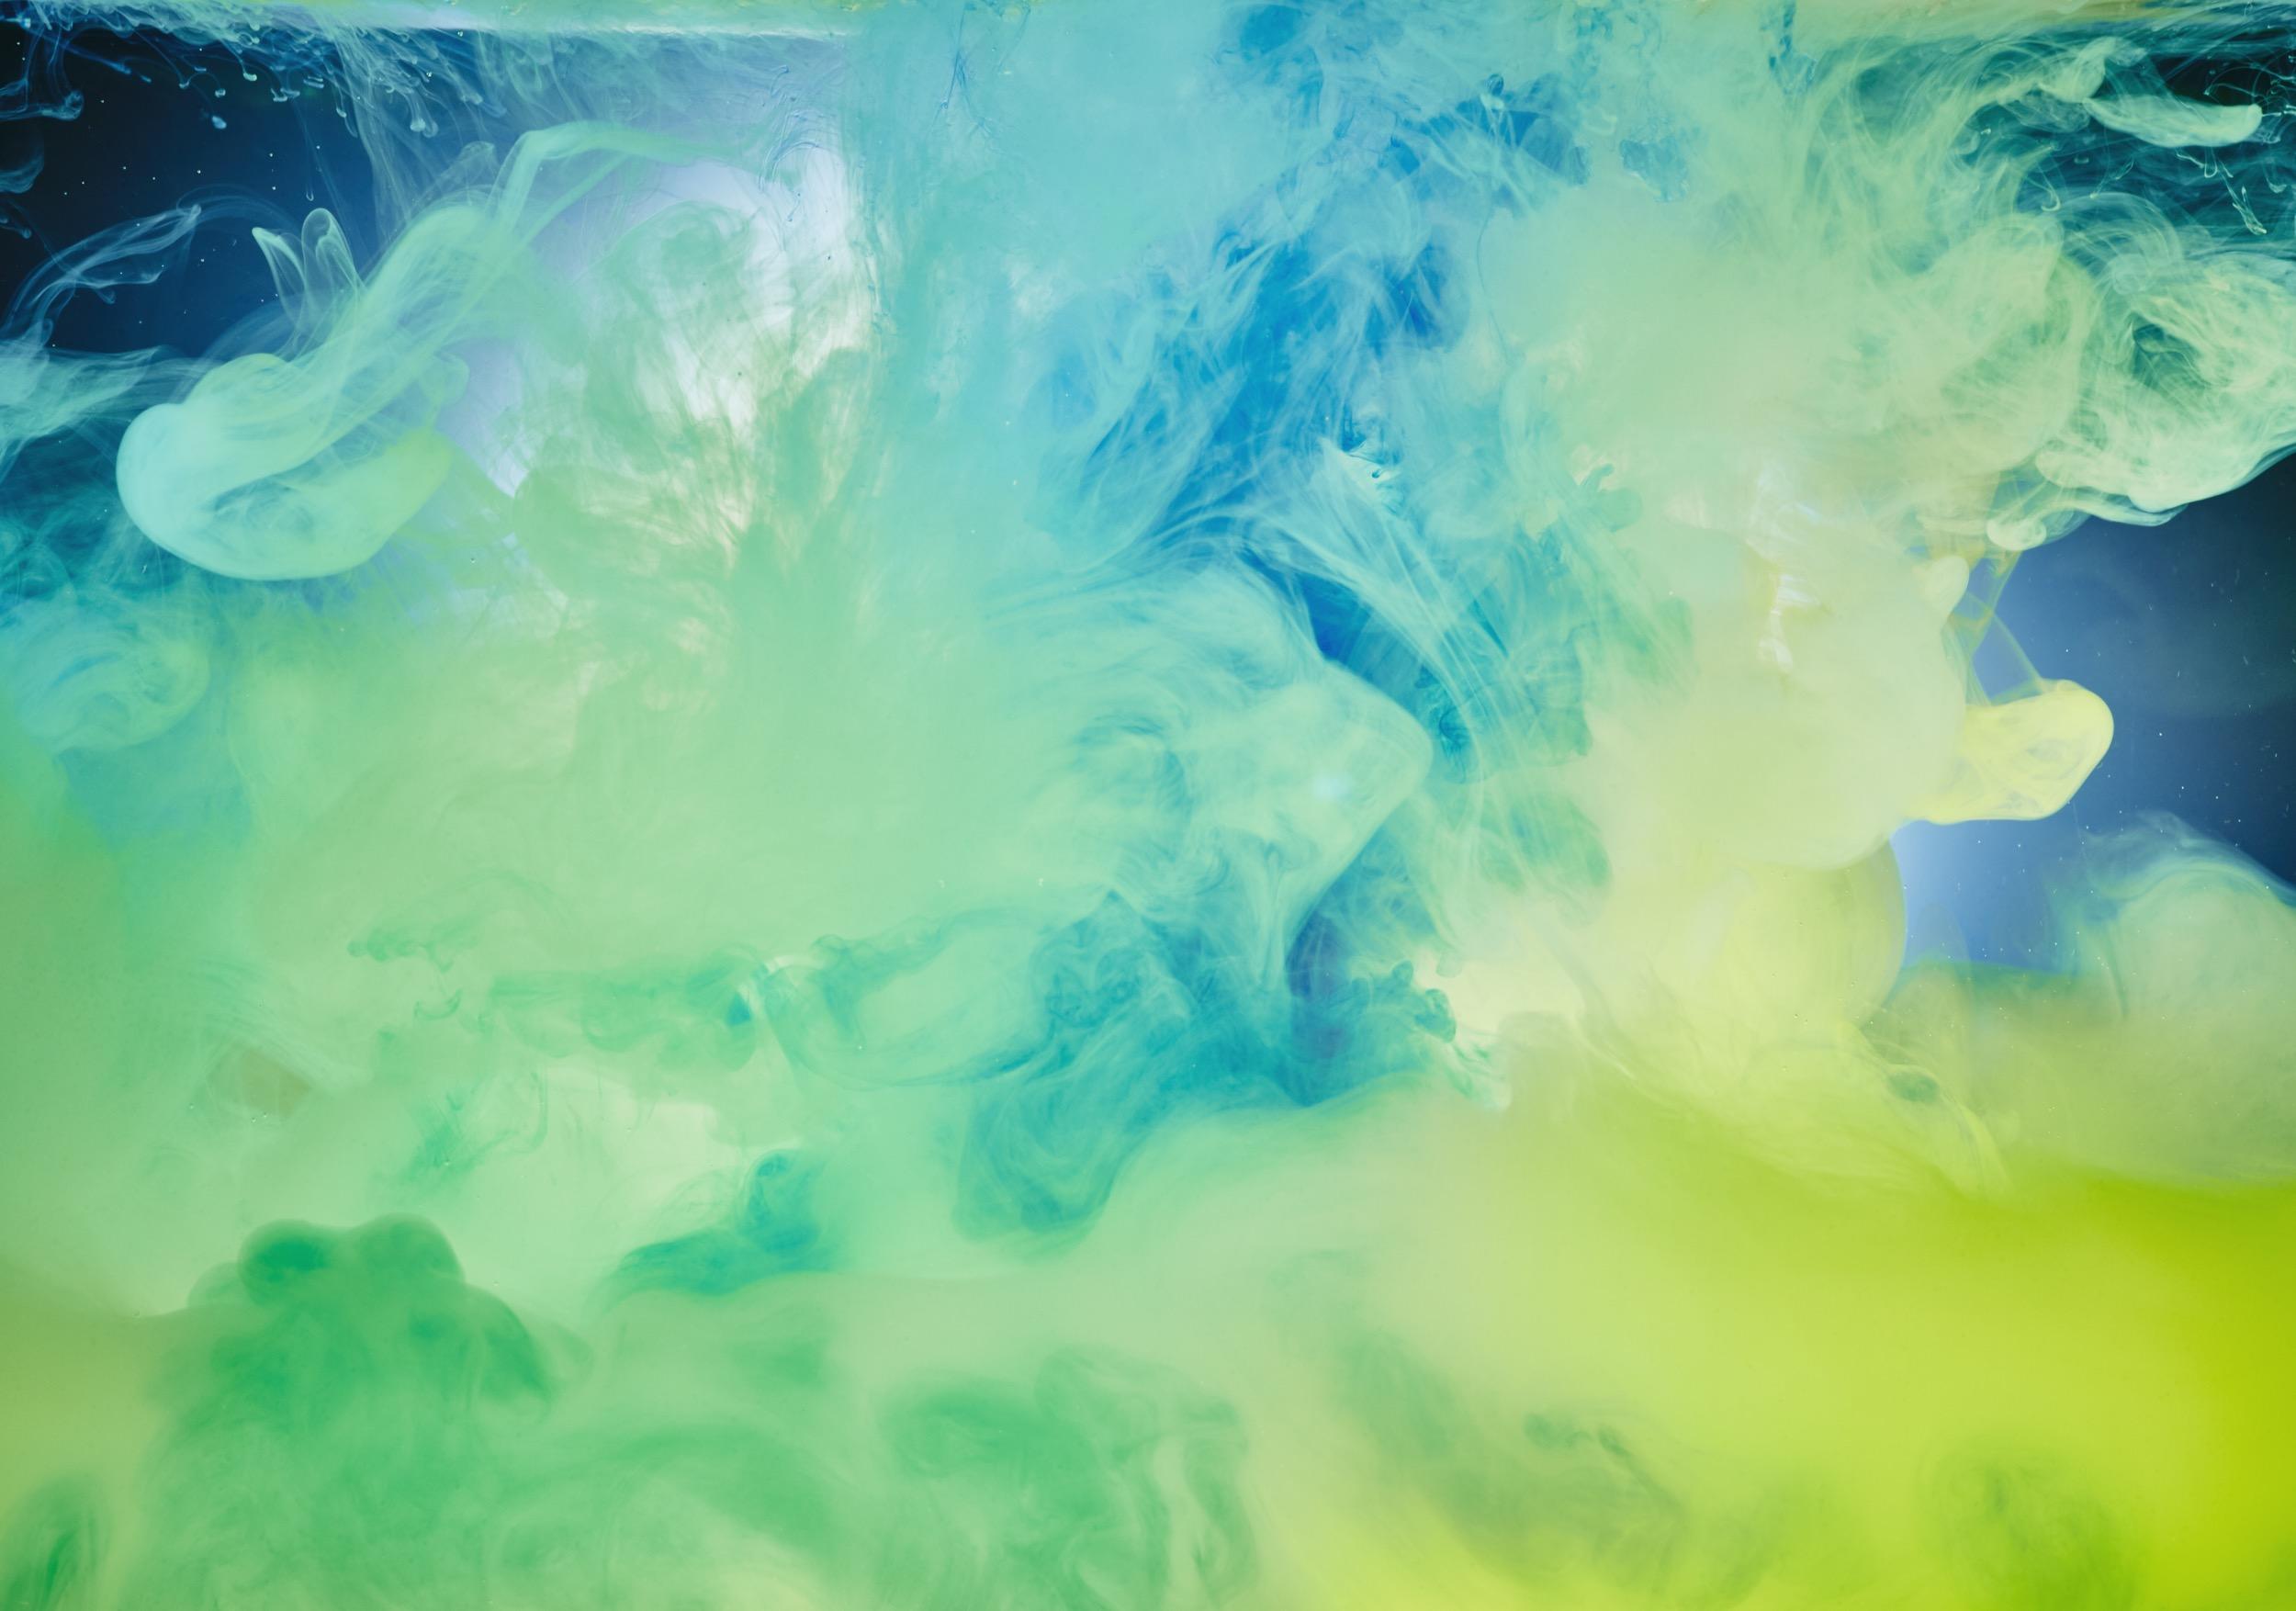 Liquids Green Blue_2500.jpg